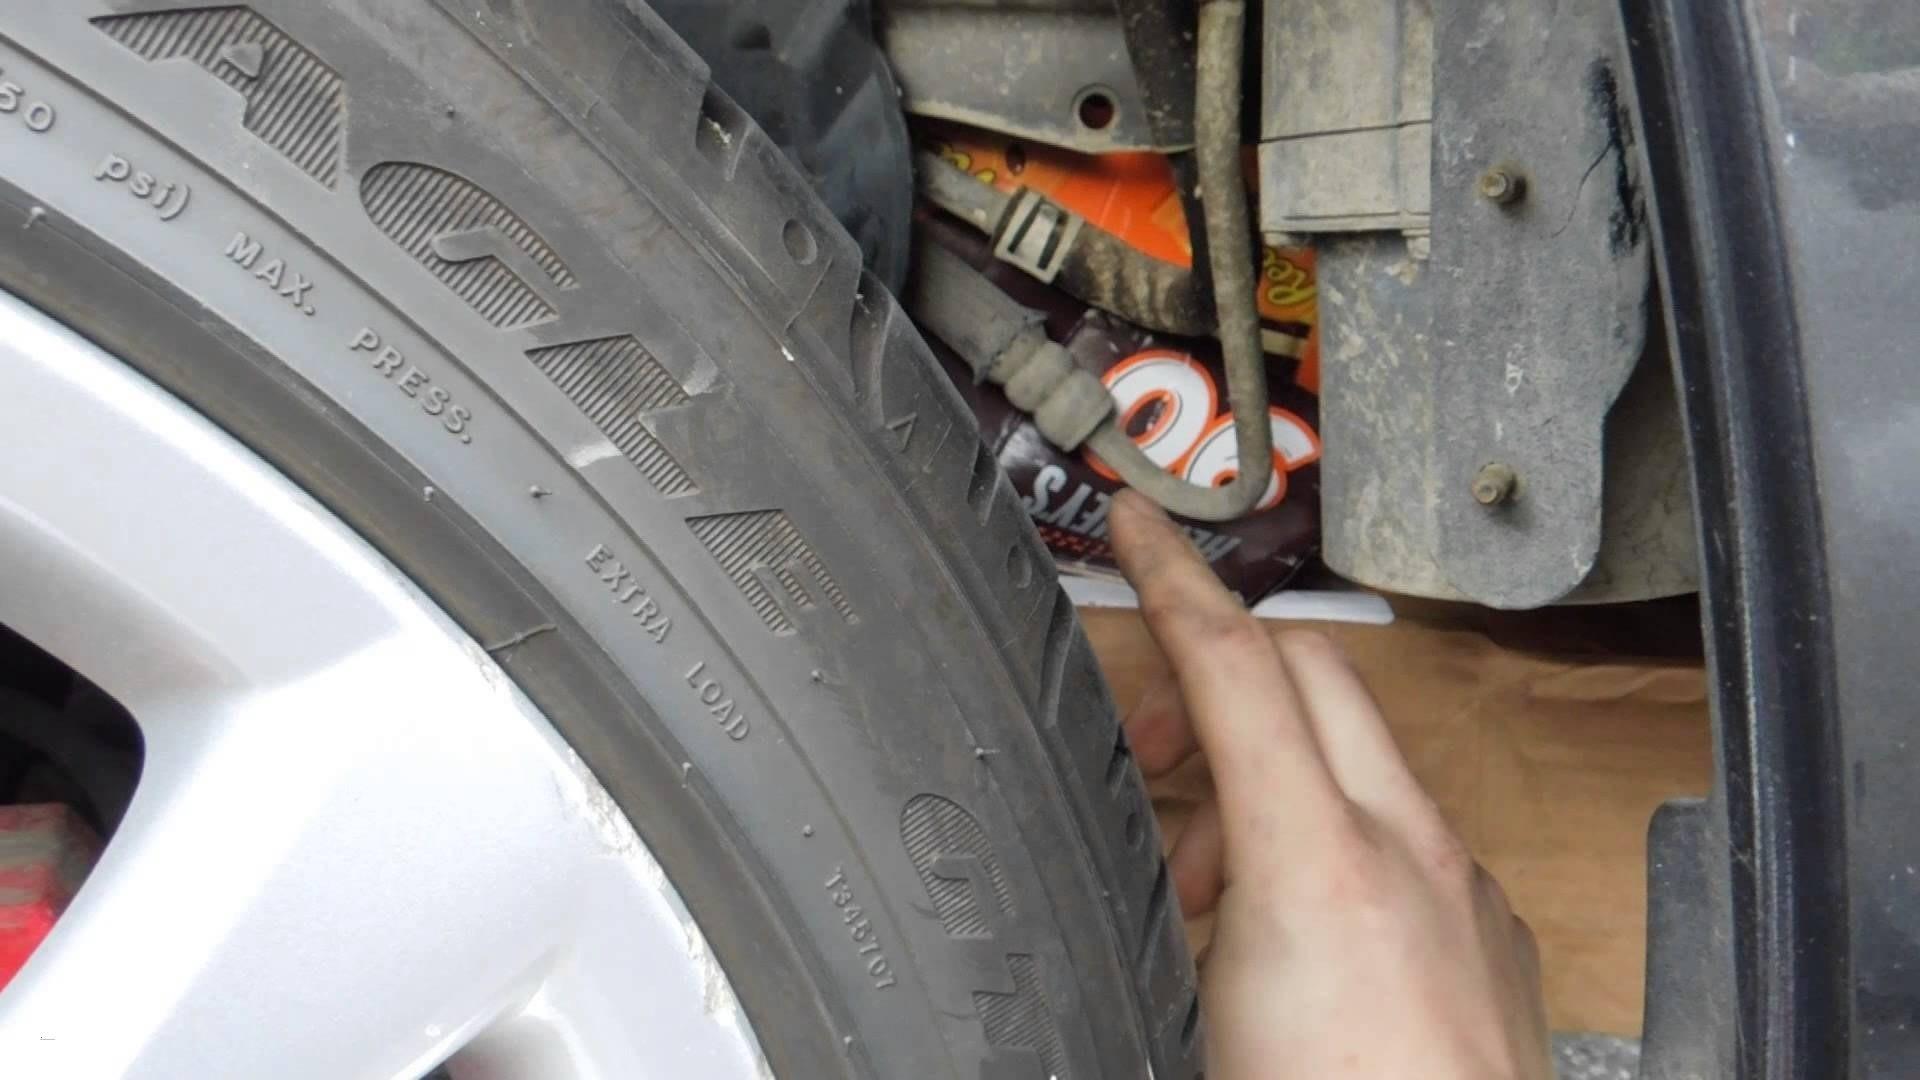 Car Steering Diagram Rack Diagram Schaferforcongressfo Schaferforcongressfo Of Car Steering Diagram Wiring Diagram Car Stereo Valid 2003 Mitsubishi Eclipse Radio Wiring